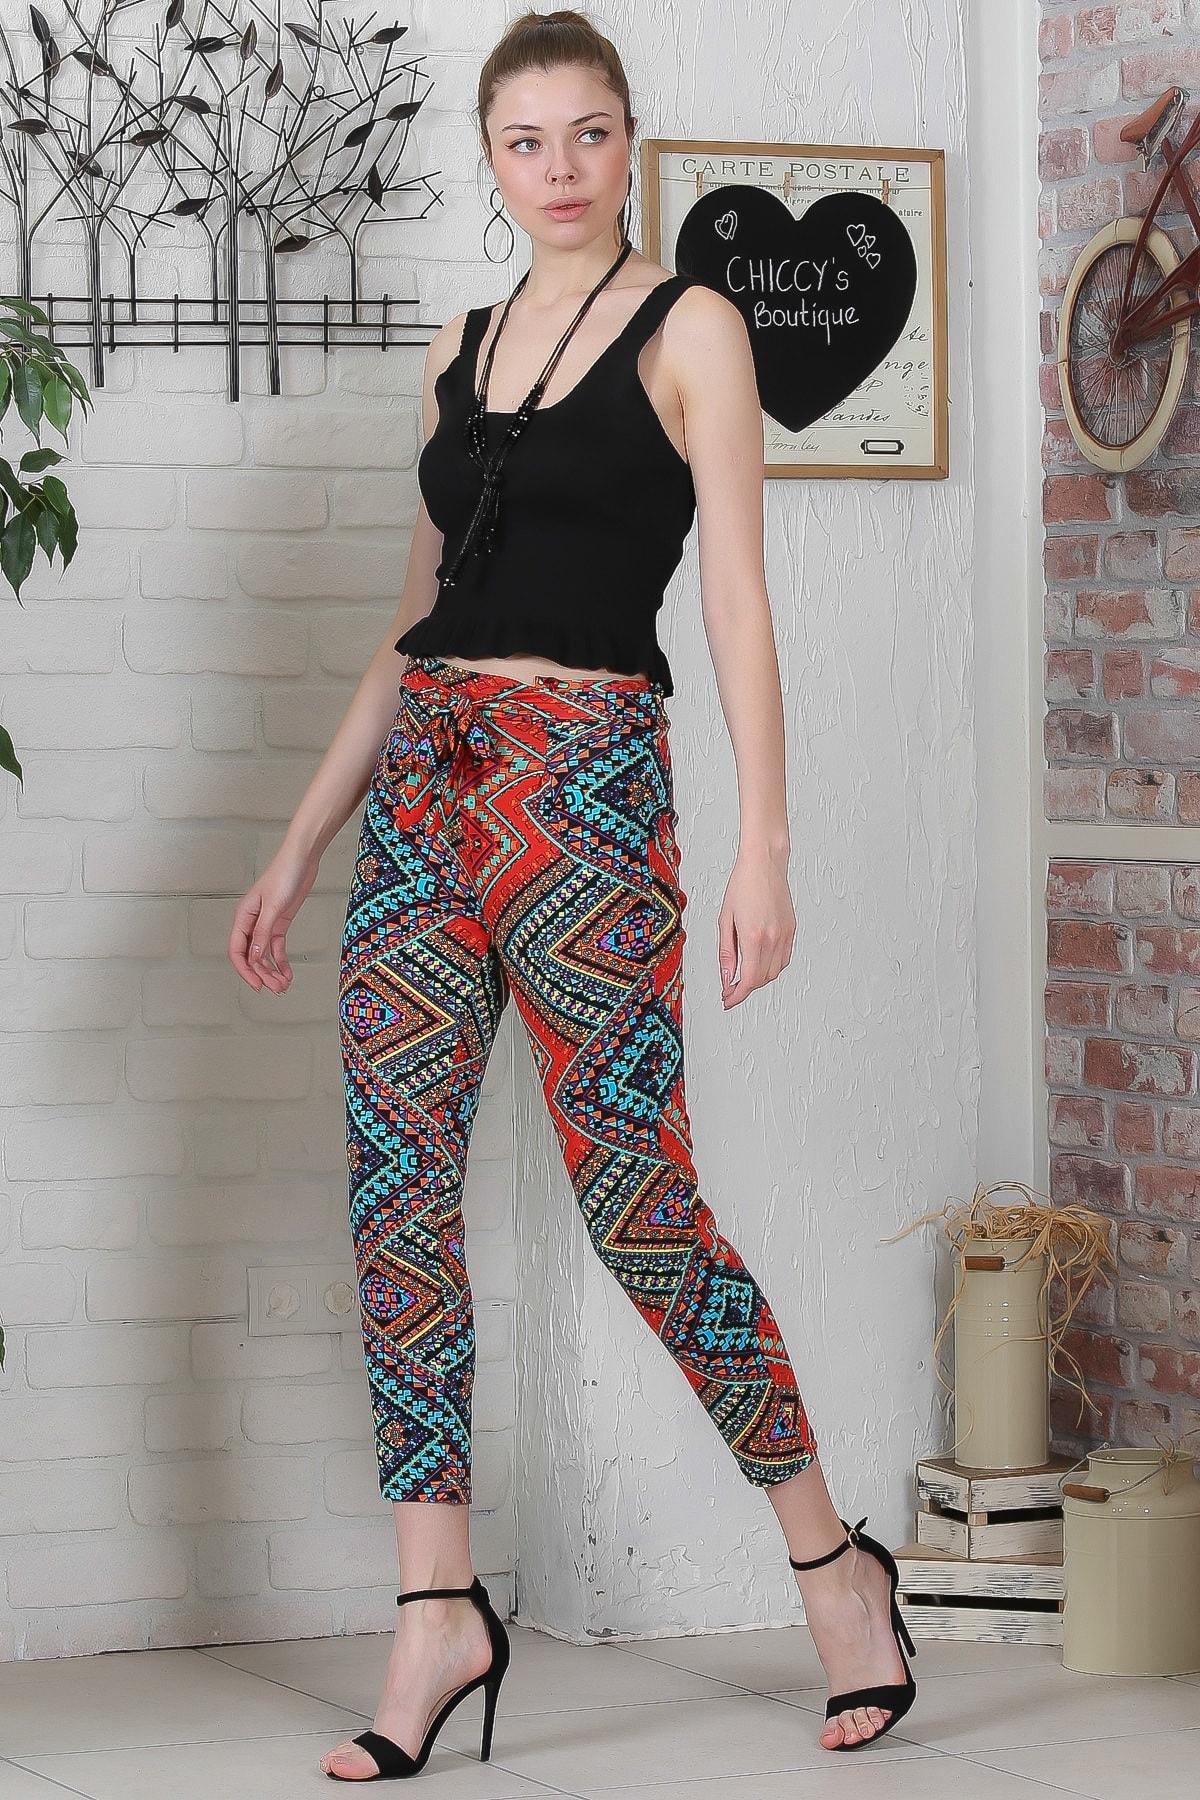 Chiccy Kadın Kırmızı-Siyah Kilim Desenli Bağlamalı Dar Paça Pantolon M10060000PN98923 2